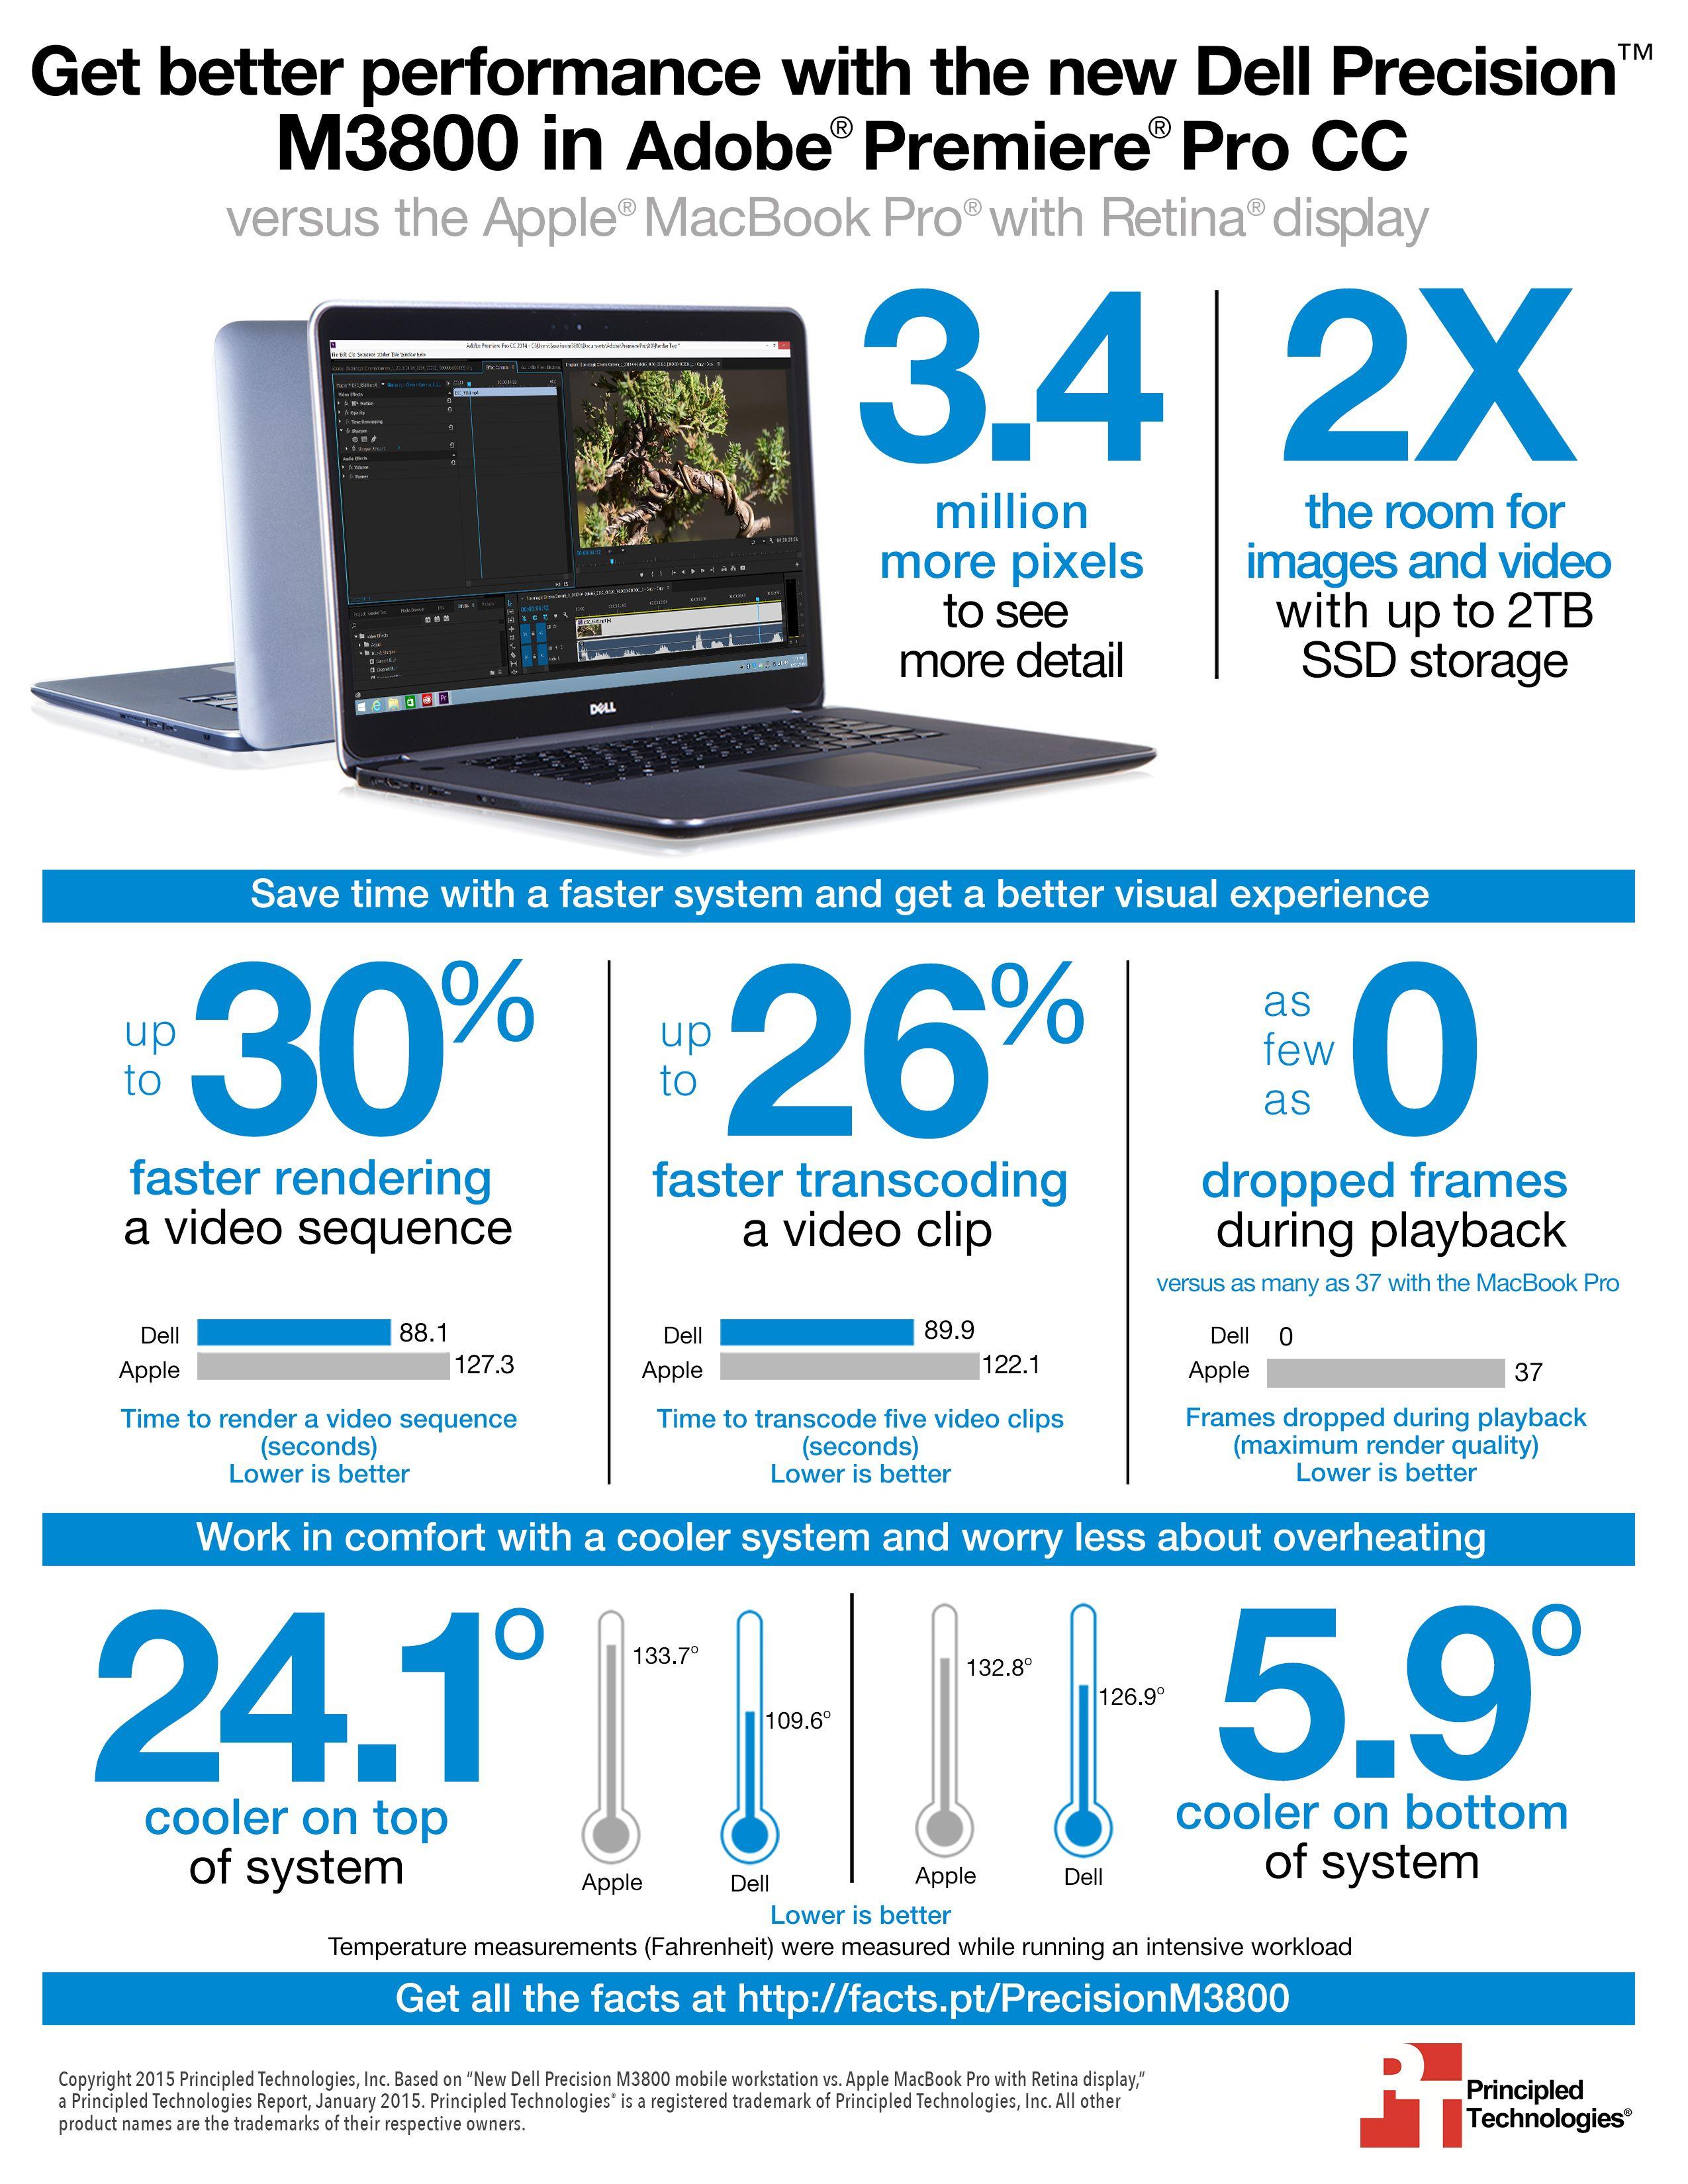 New Dell Precision M3800 mobile workstation vs. Apple ...